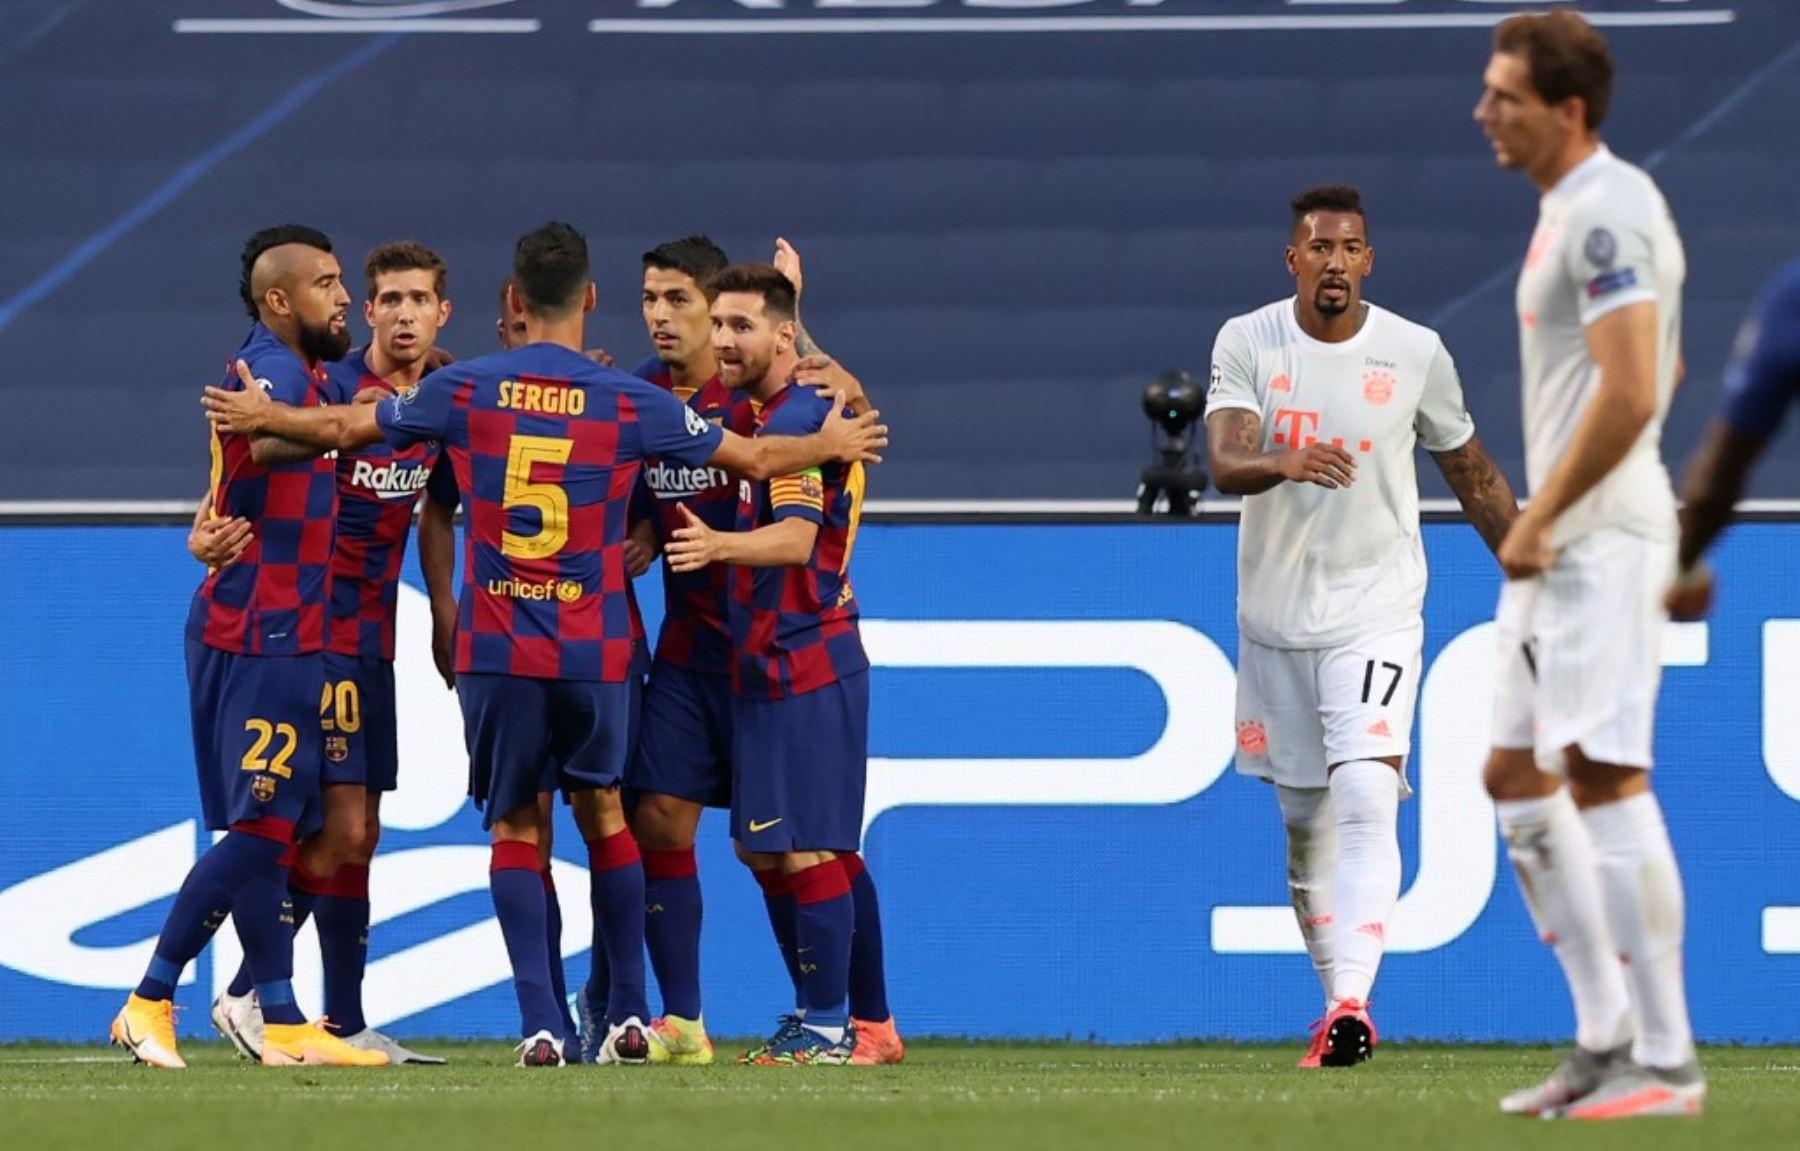 Los jugadores de Barcelona celebran su gol durante el partido de fútbol de cuartos de final de la UEFA Champions League entre el Barcelona y el Bayern de Múnich en el estadio Luz de Lisboa.Foto:AFP